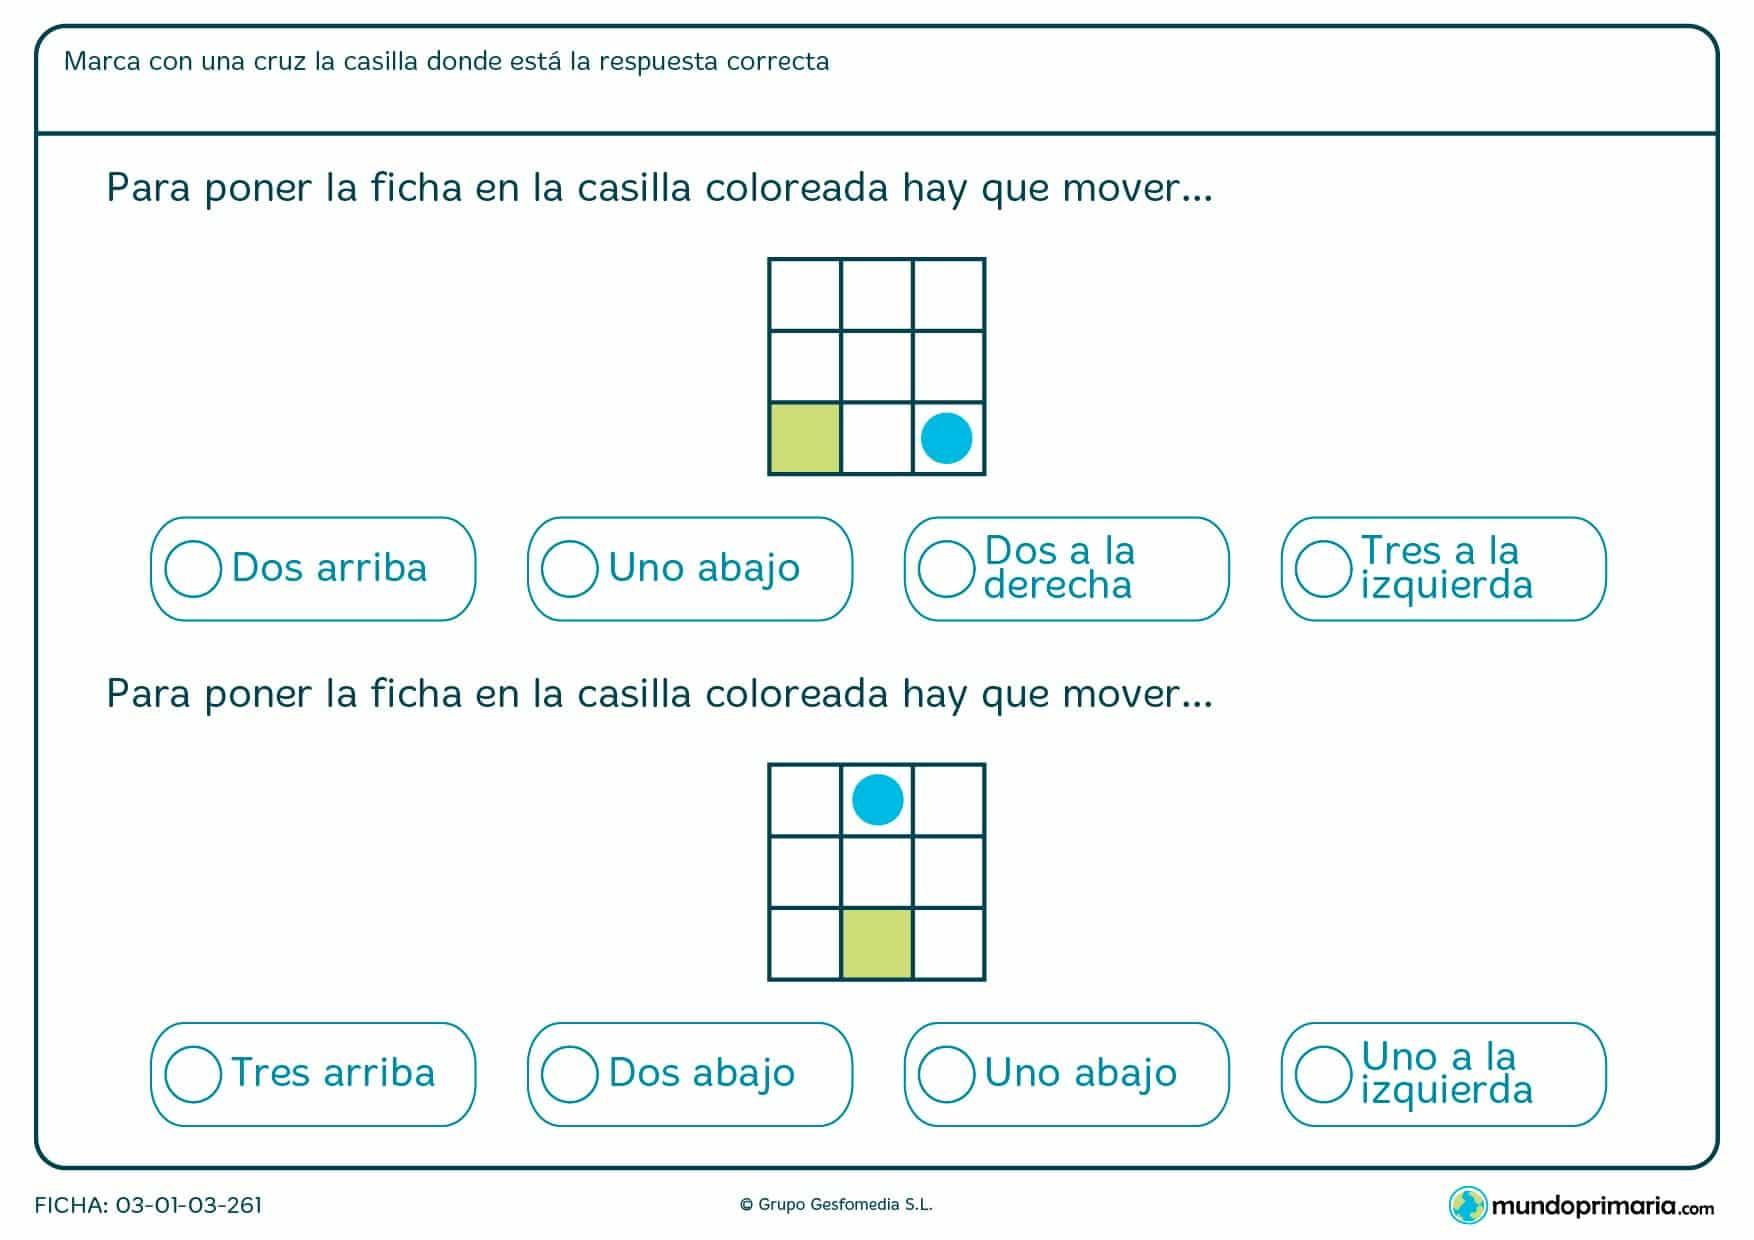 Marca la casilla que corresponda con las posiciones que hay que desplazar la ficha azul para que llegue a su posición de destino.